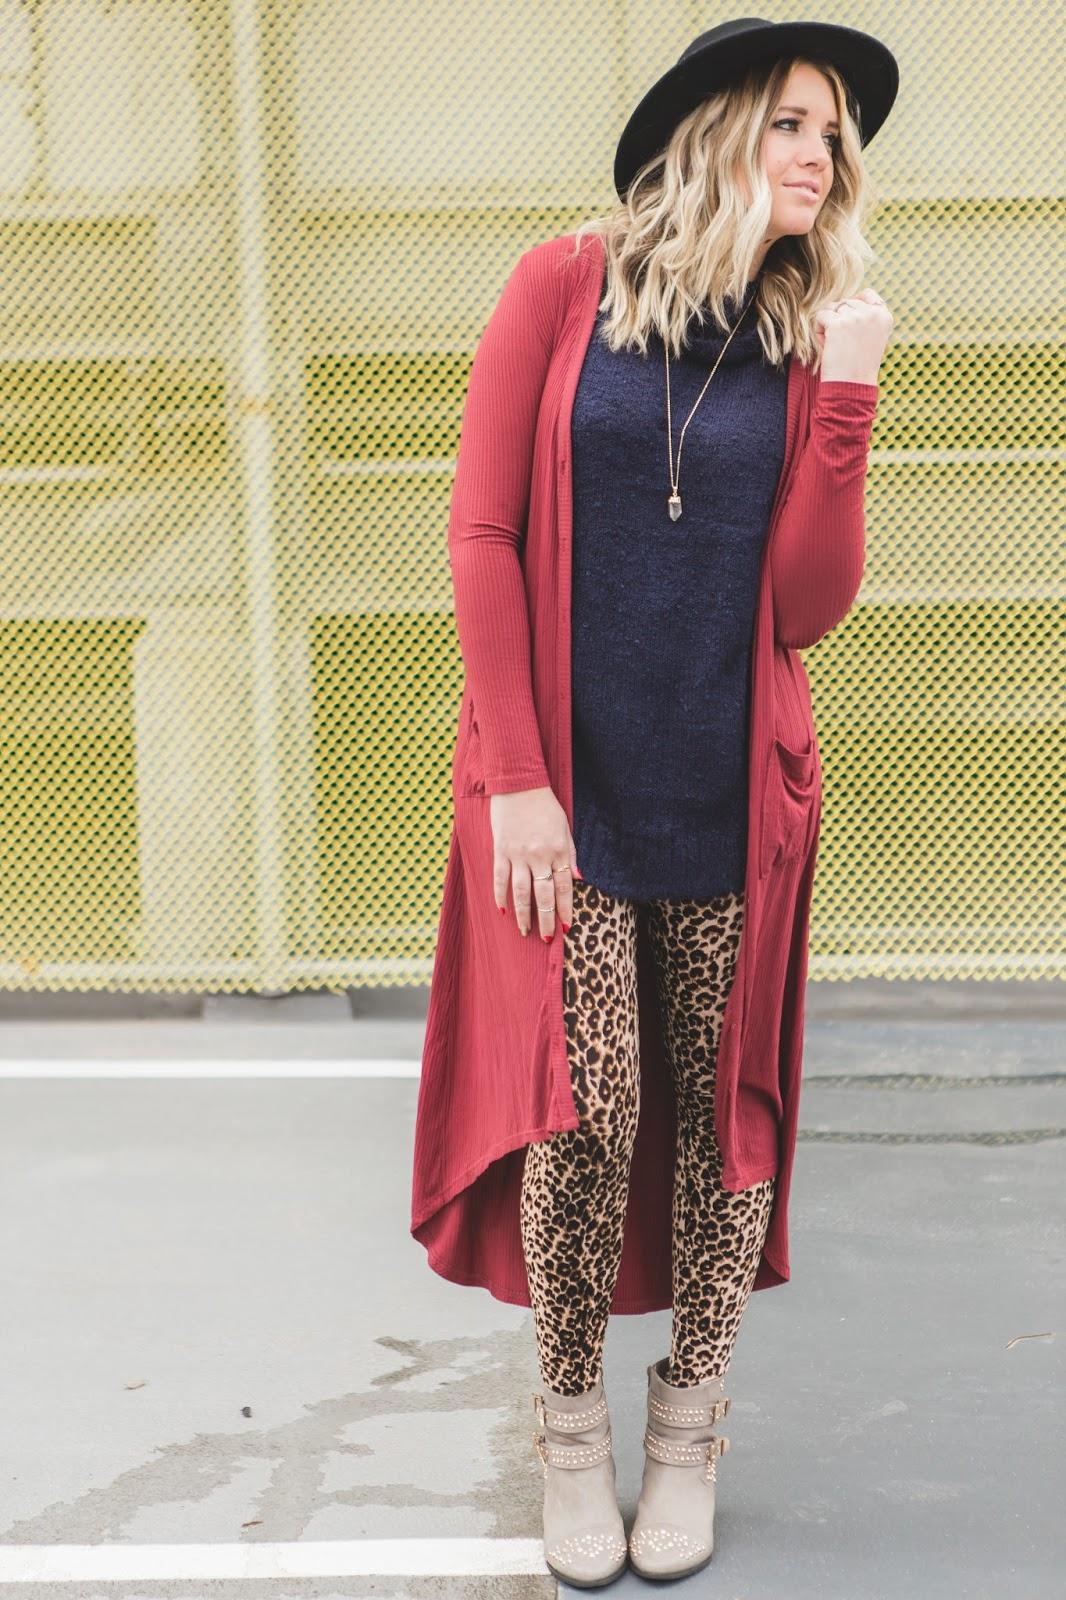 Utah fashion Blogger, Modesty, Leopard Leggings